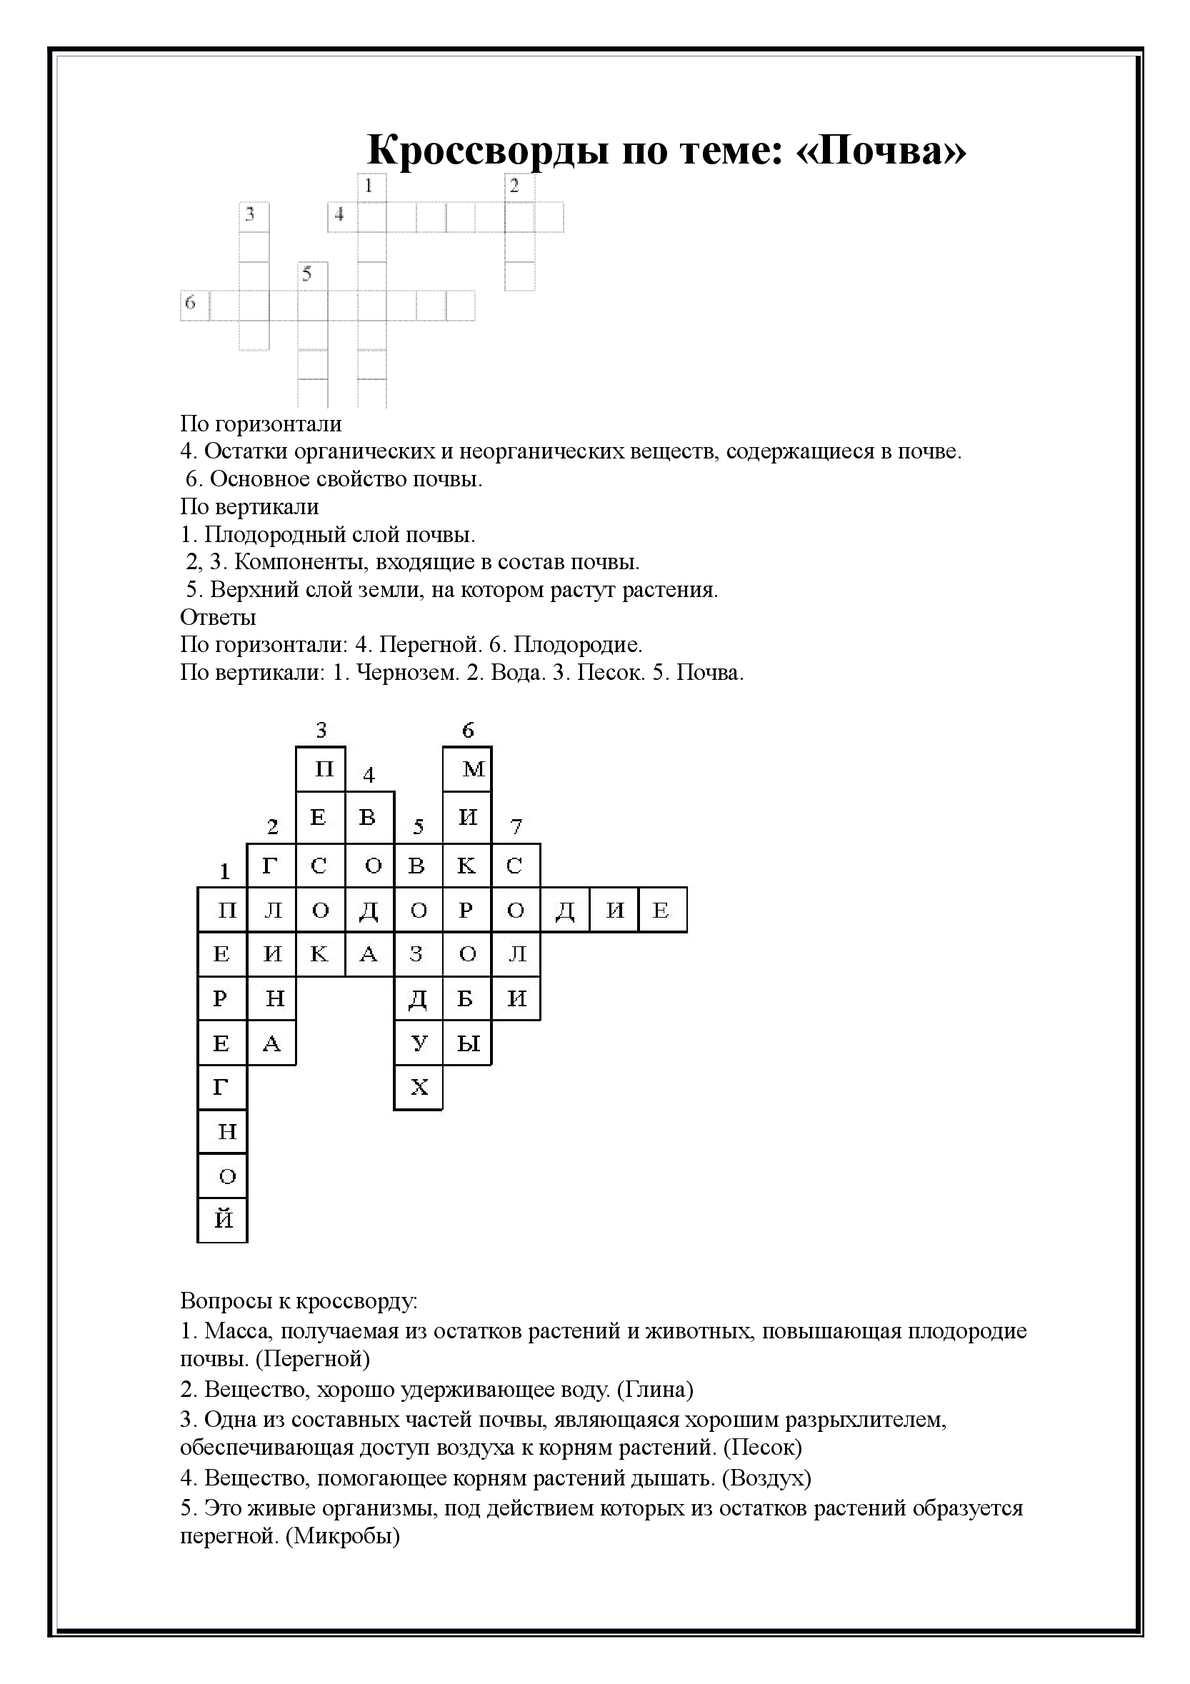 Кроссворд и вопросы и ответы на тему почва 5 класс